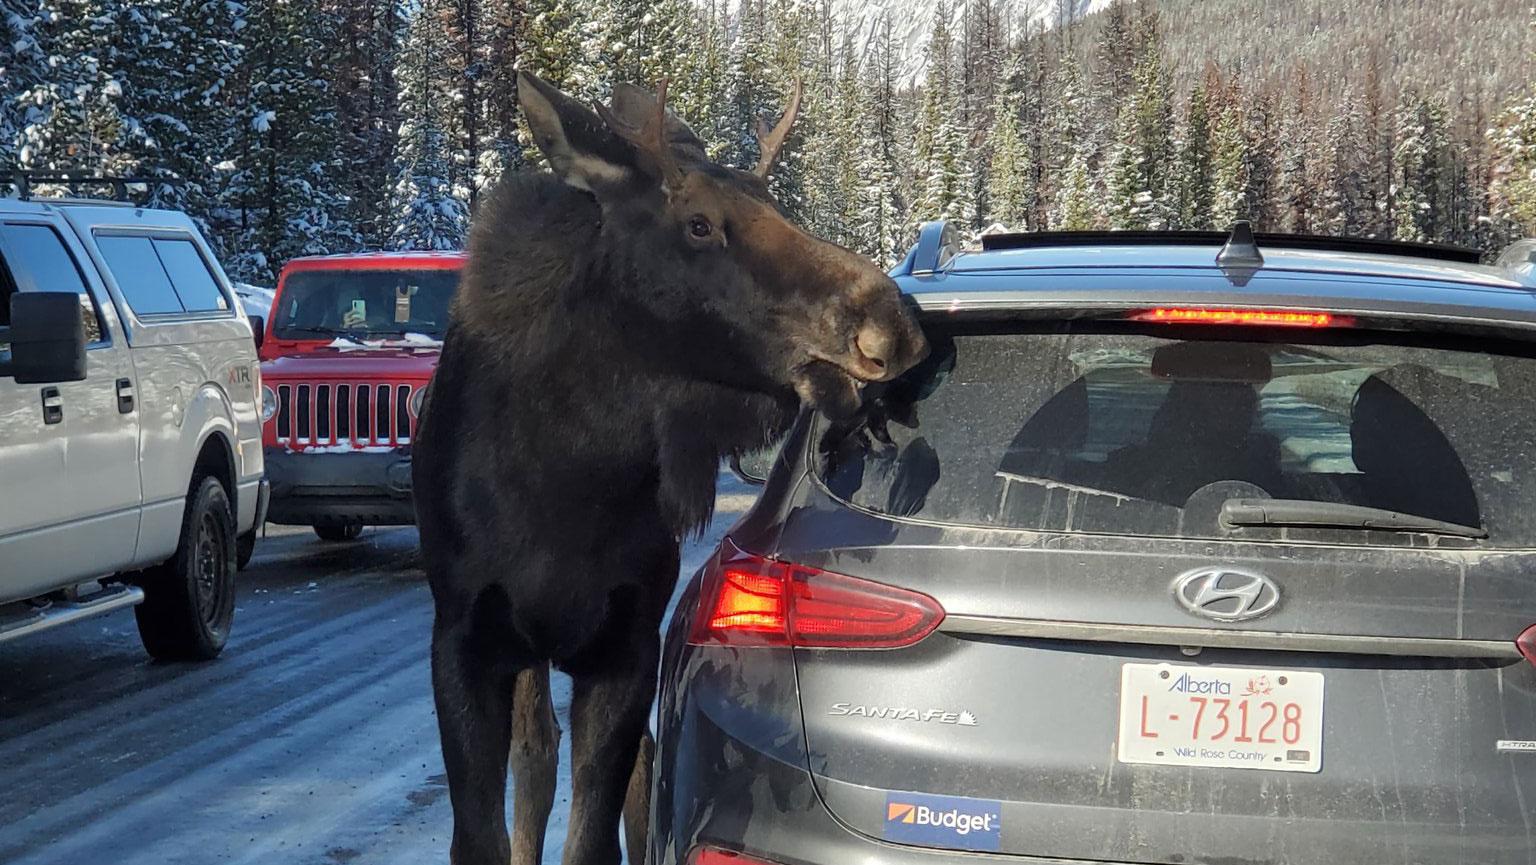 Канада има сериозен проблем: Лосовите на патиштата ги лижат автомобили покриени со сол! / ВИДЕО